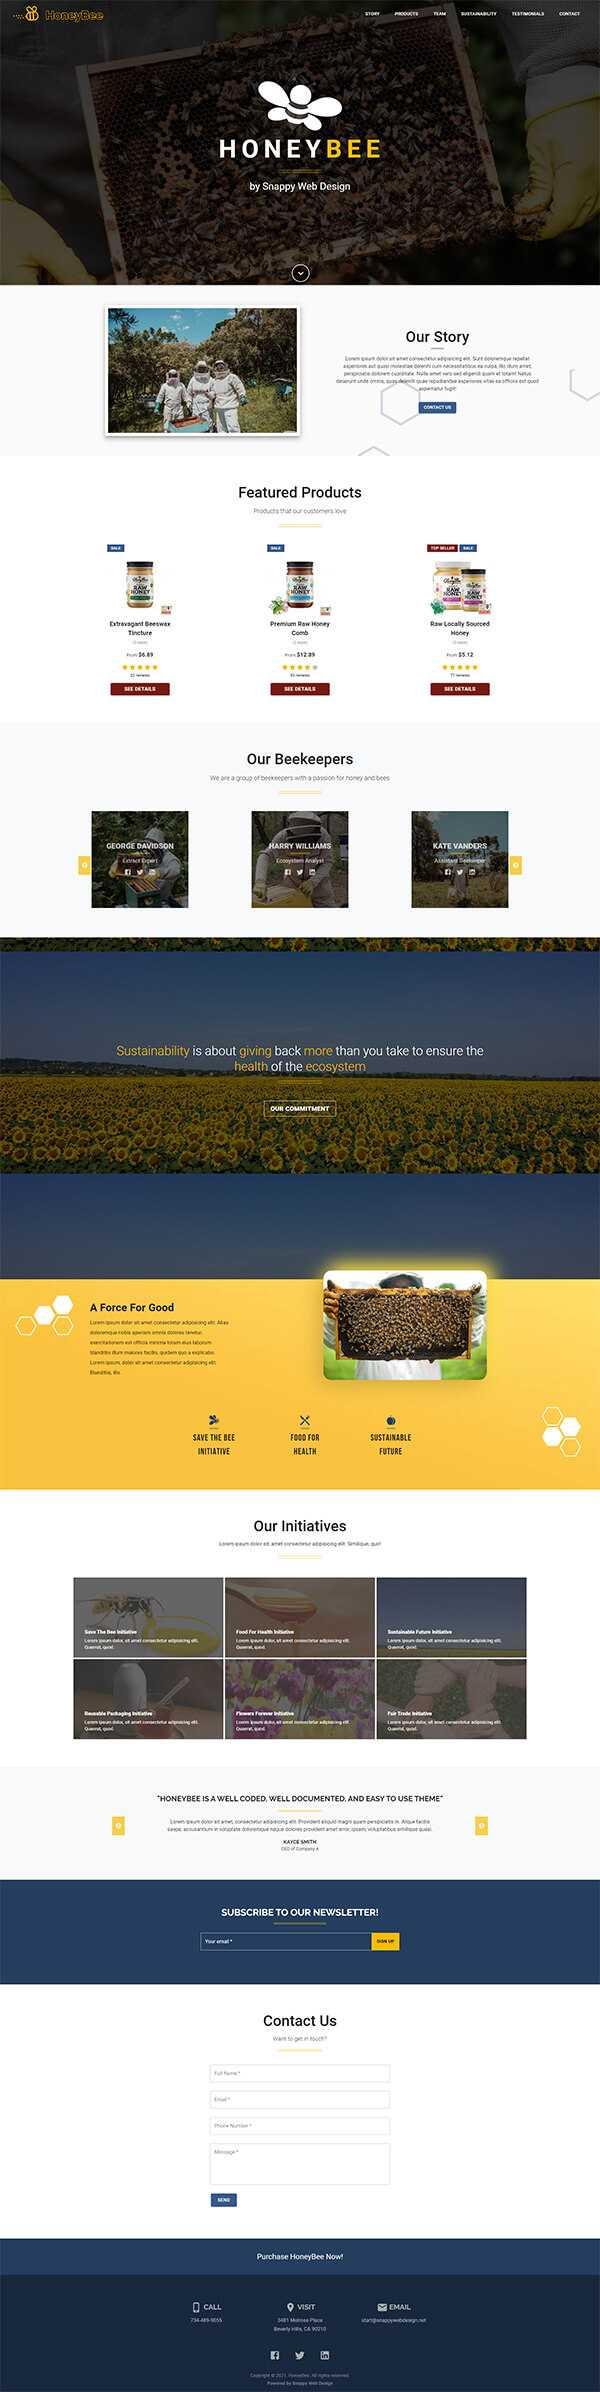 Honeybee Site